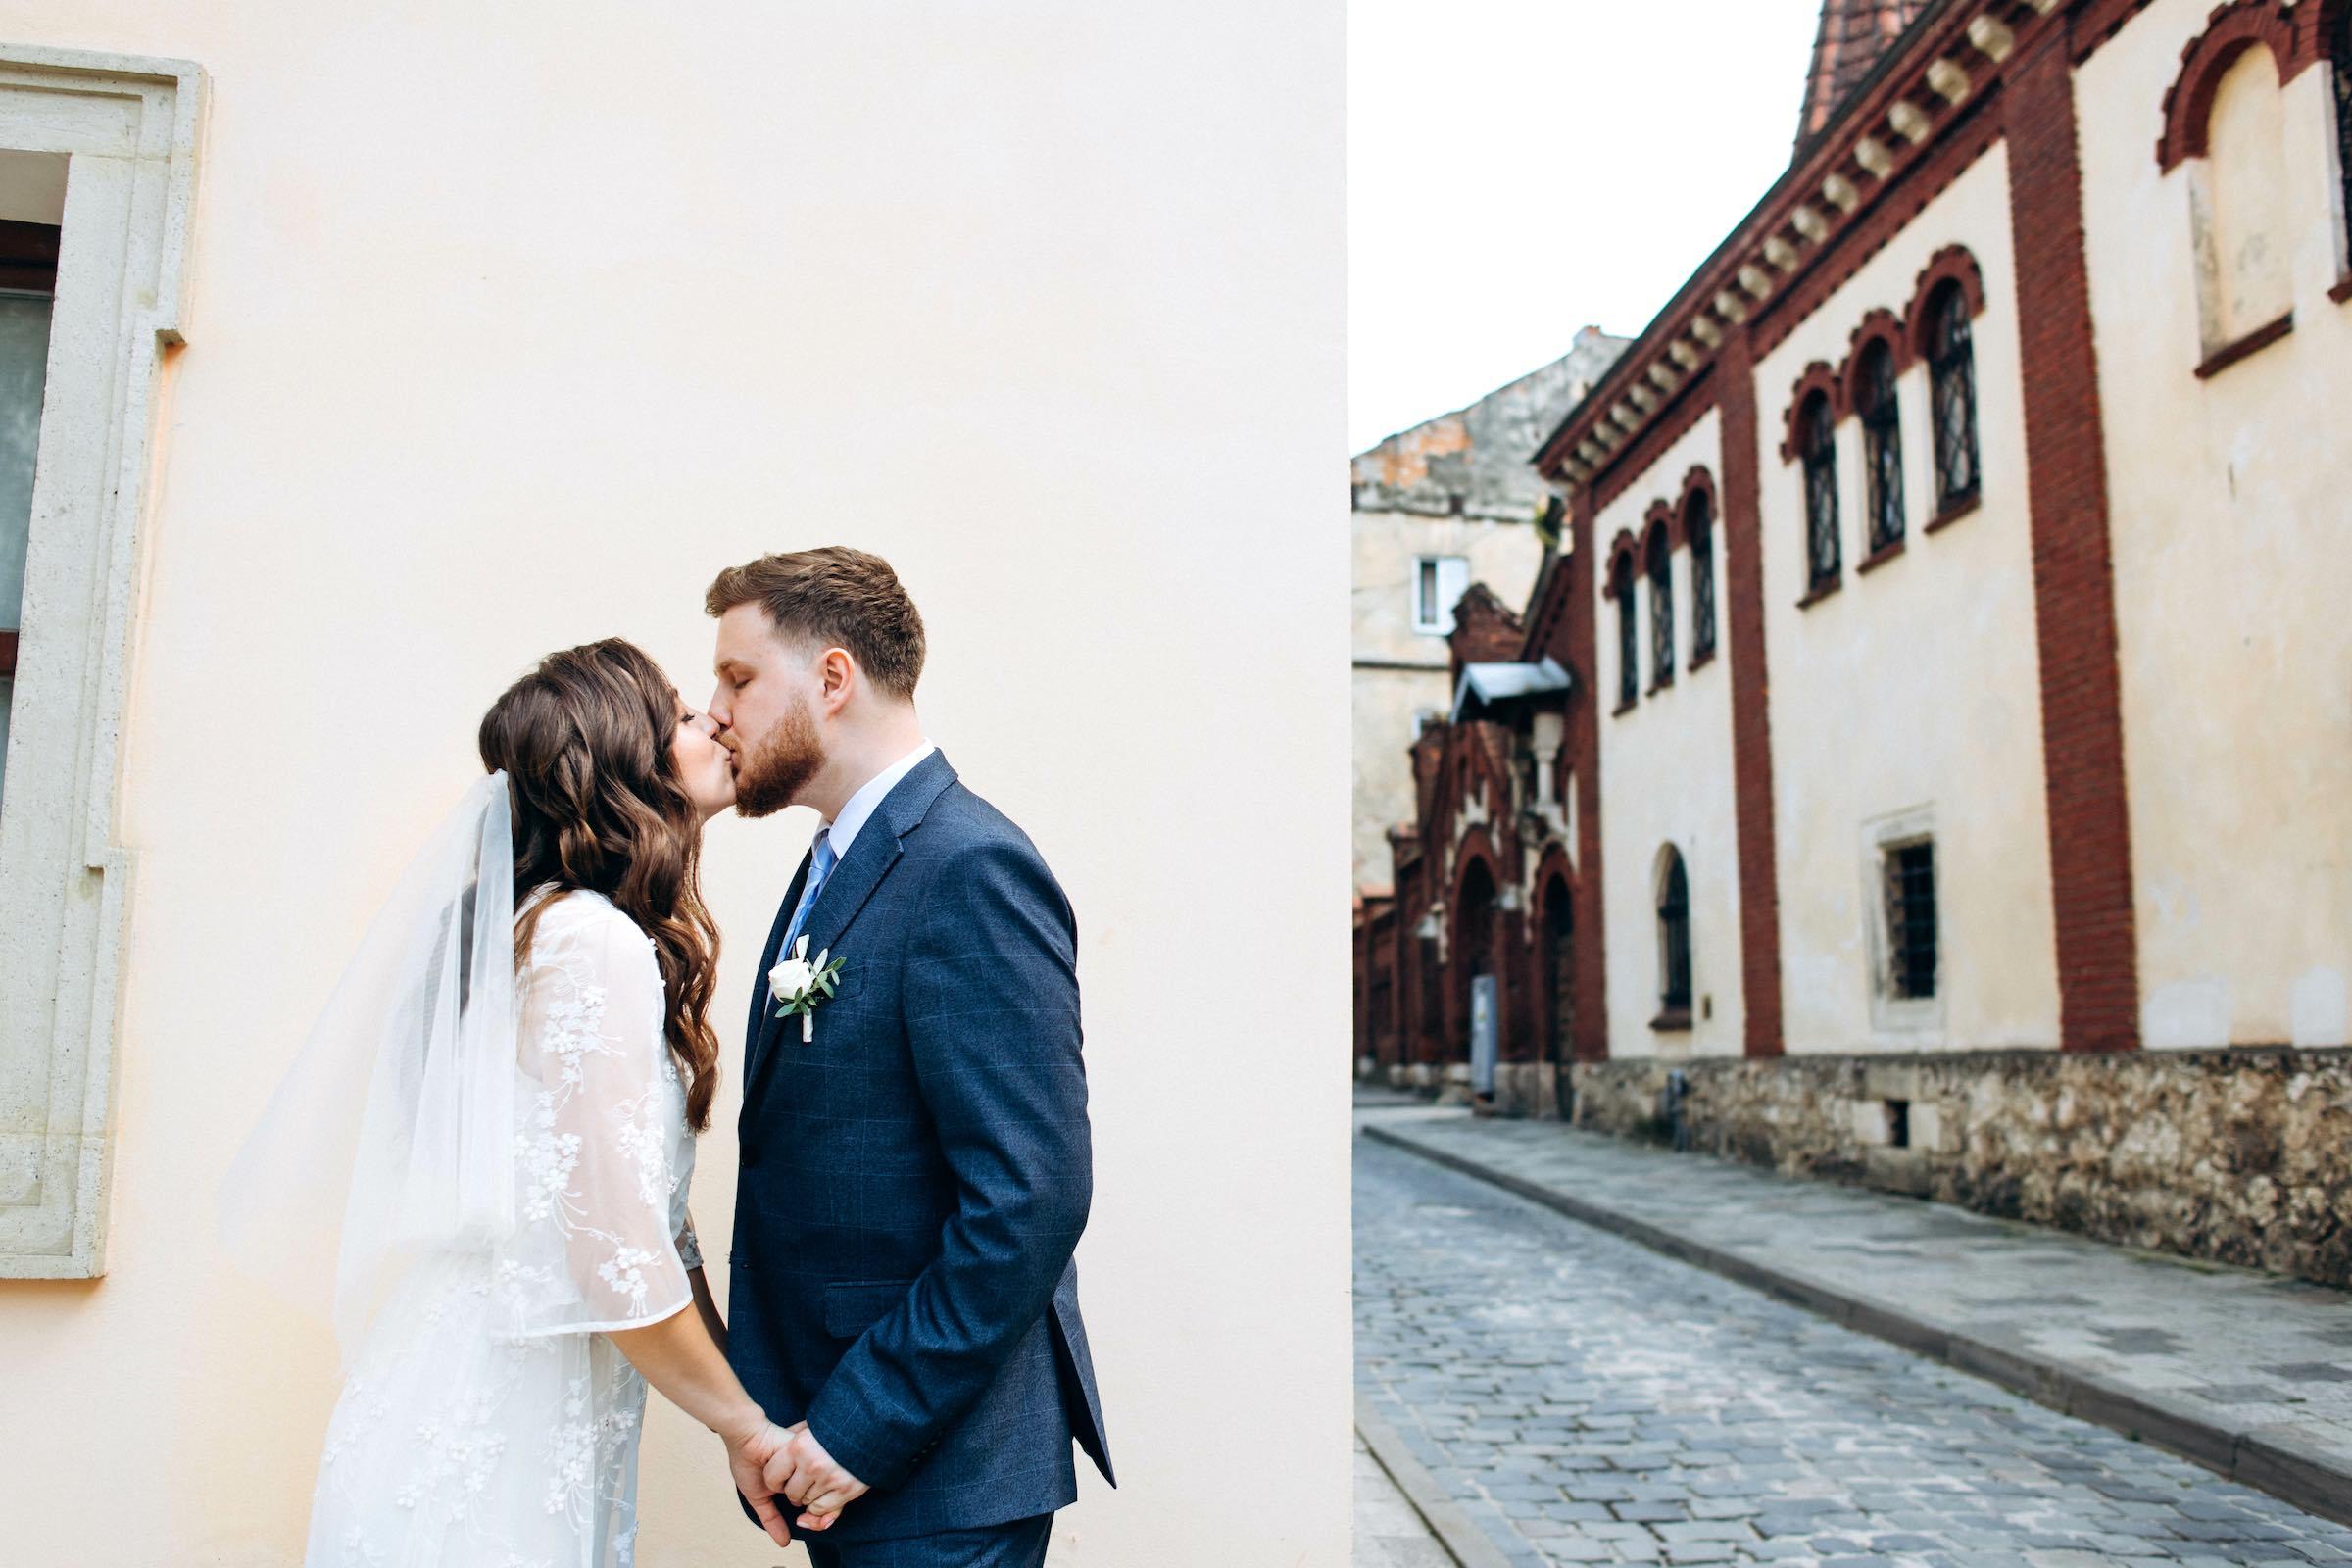 Hochzeitsfotografie | Paarshooting | Hannover | Fotograf | Hochzeit | Peine | Mieten | Buchen | Lehmann | Eventservice